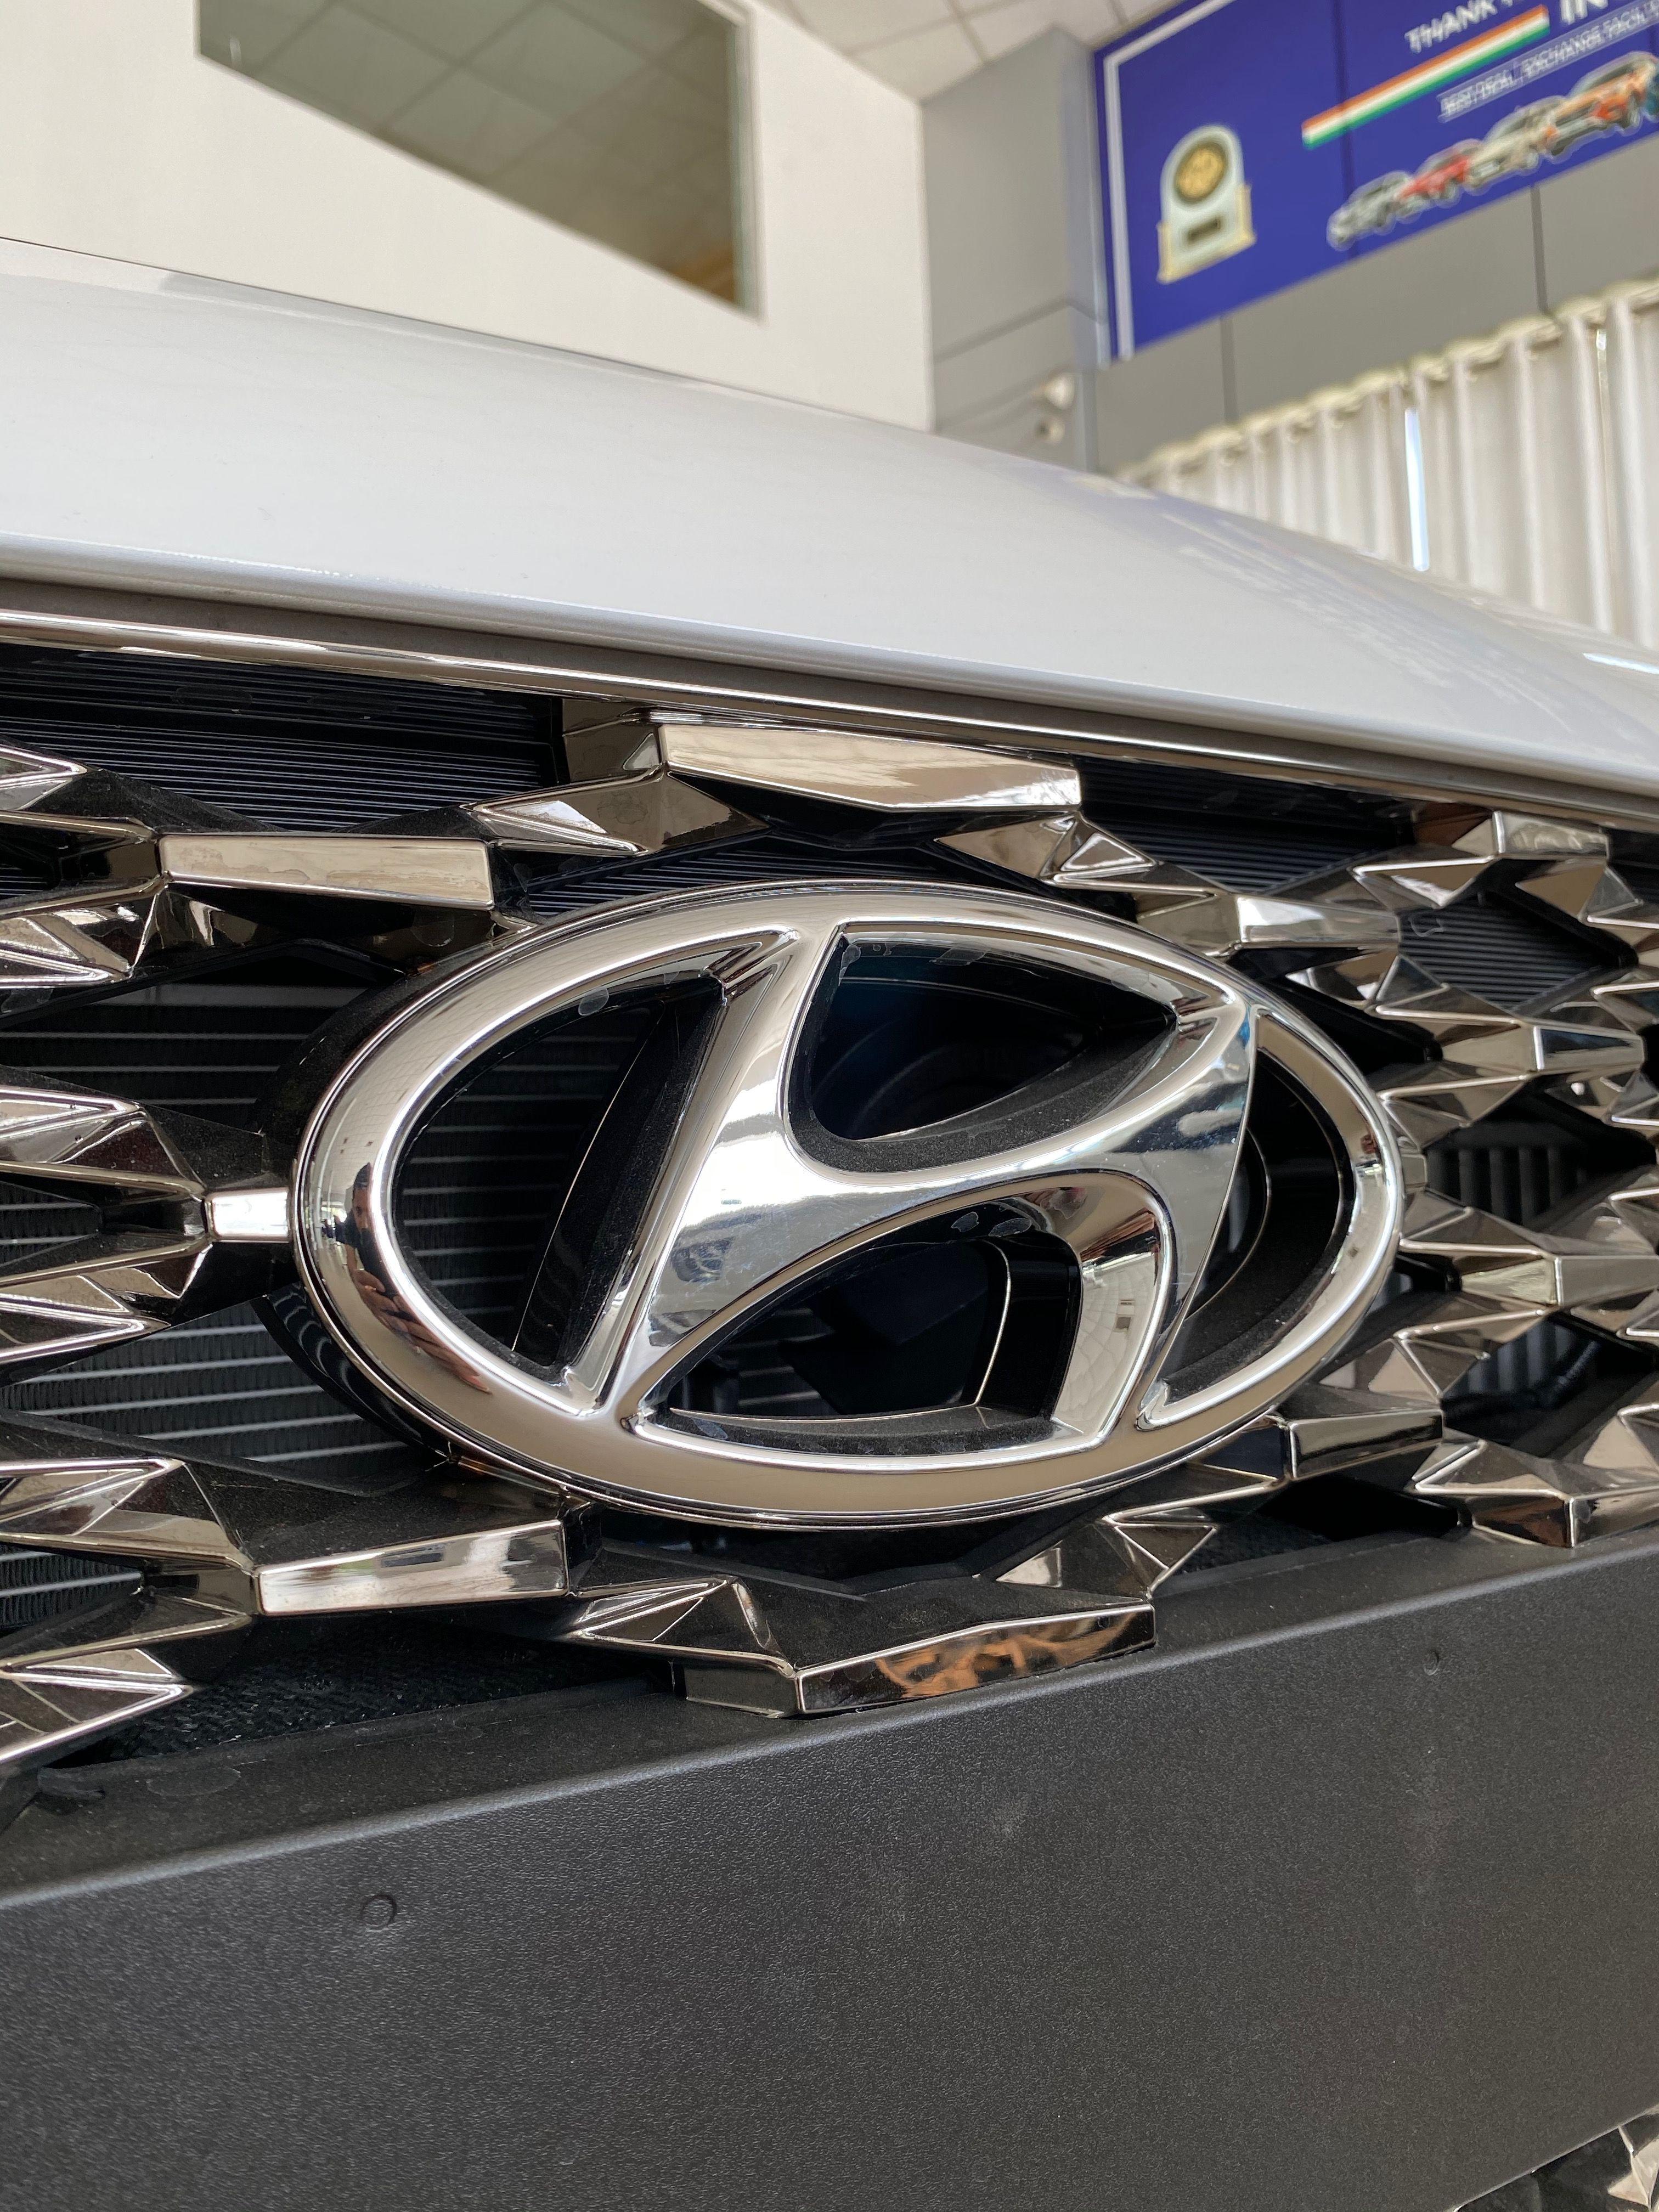 Hyundai Verna Sx O 2020 16 Lakh Real Life Review In 2020 Hyundai Hyundai Logo Hyundai Accent